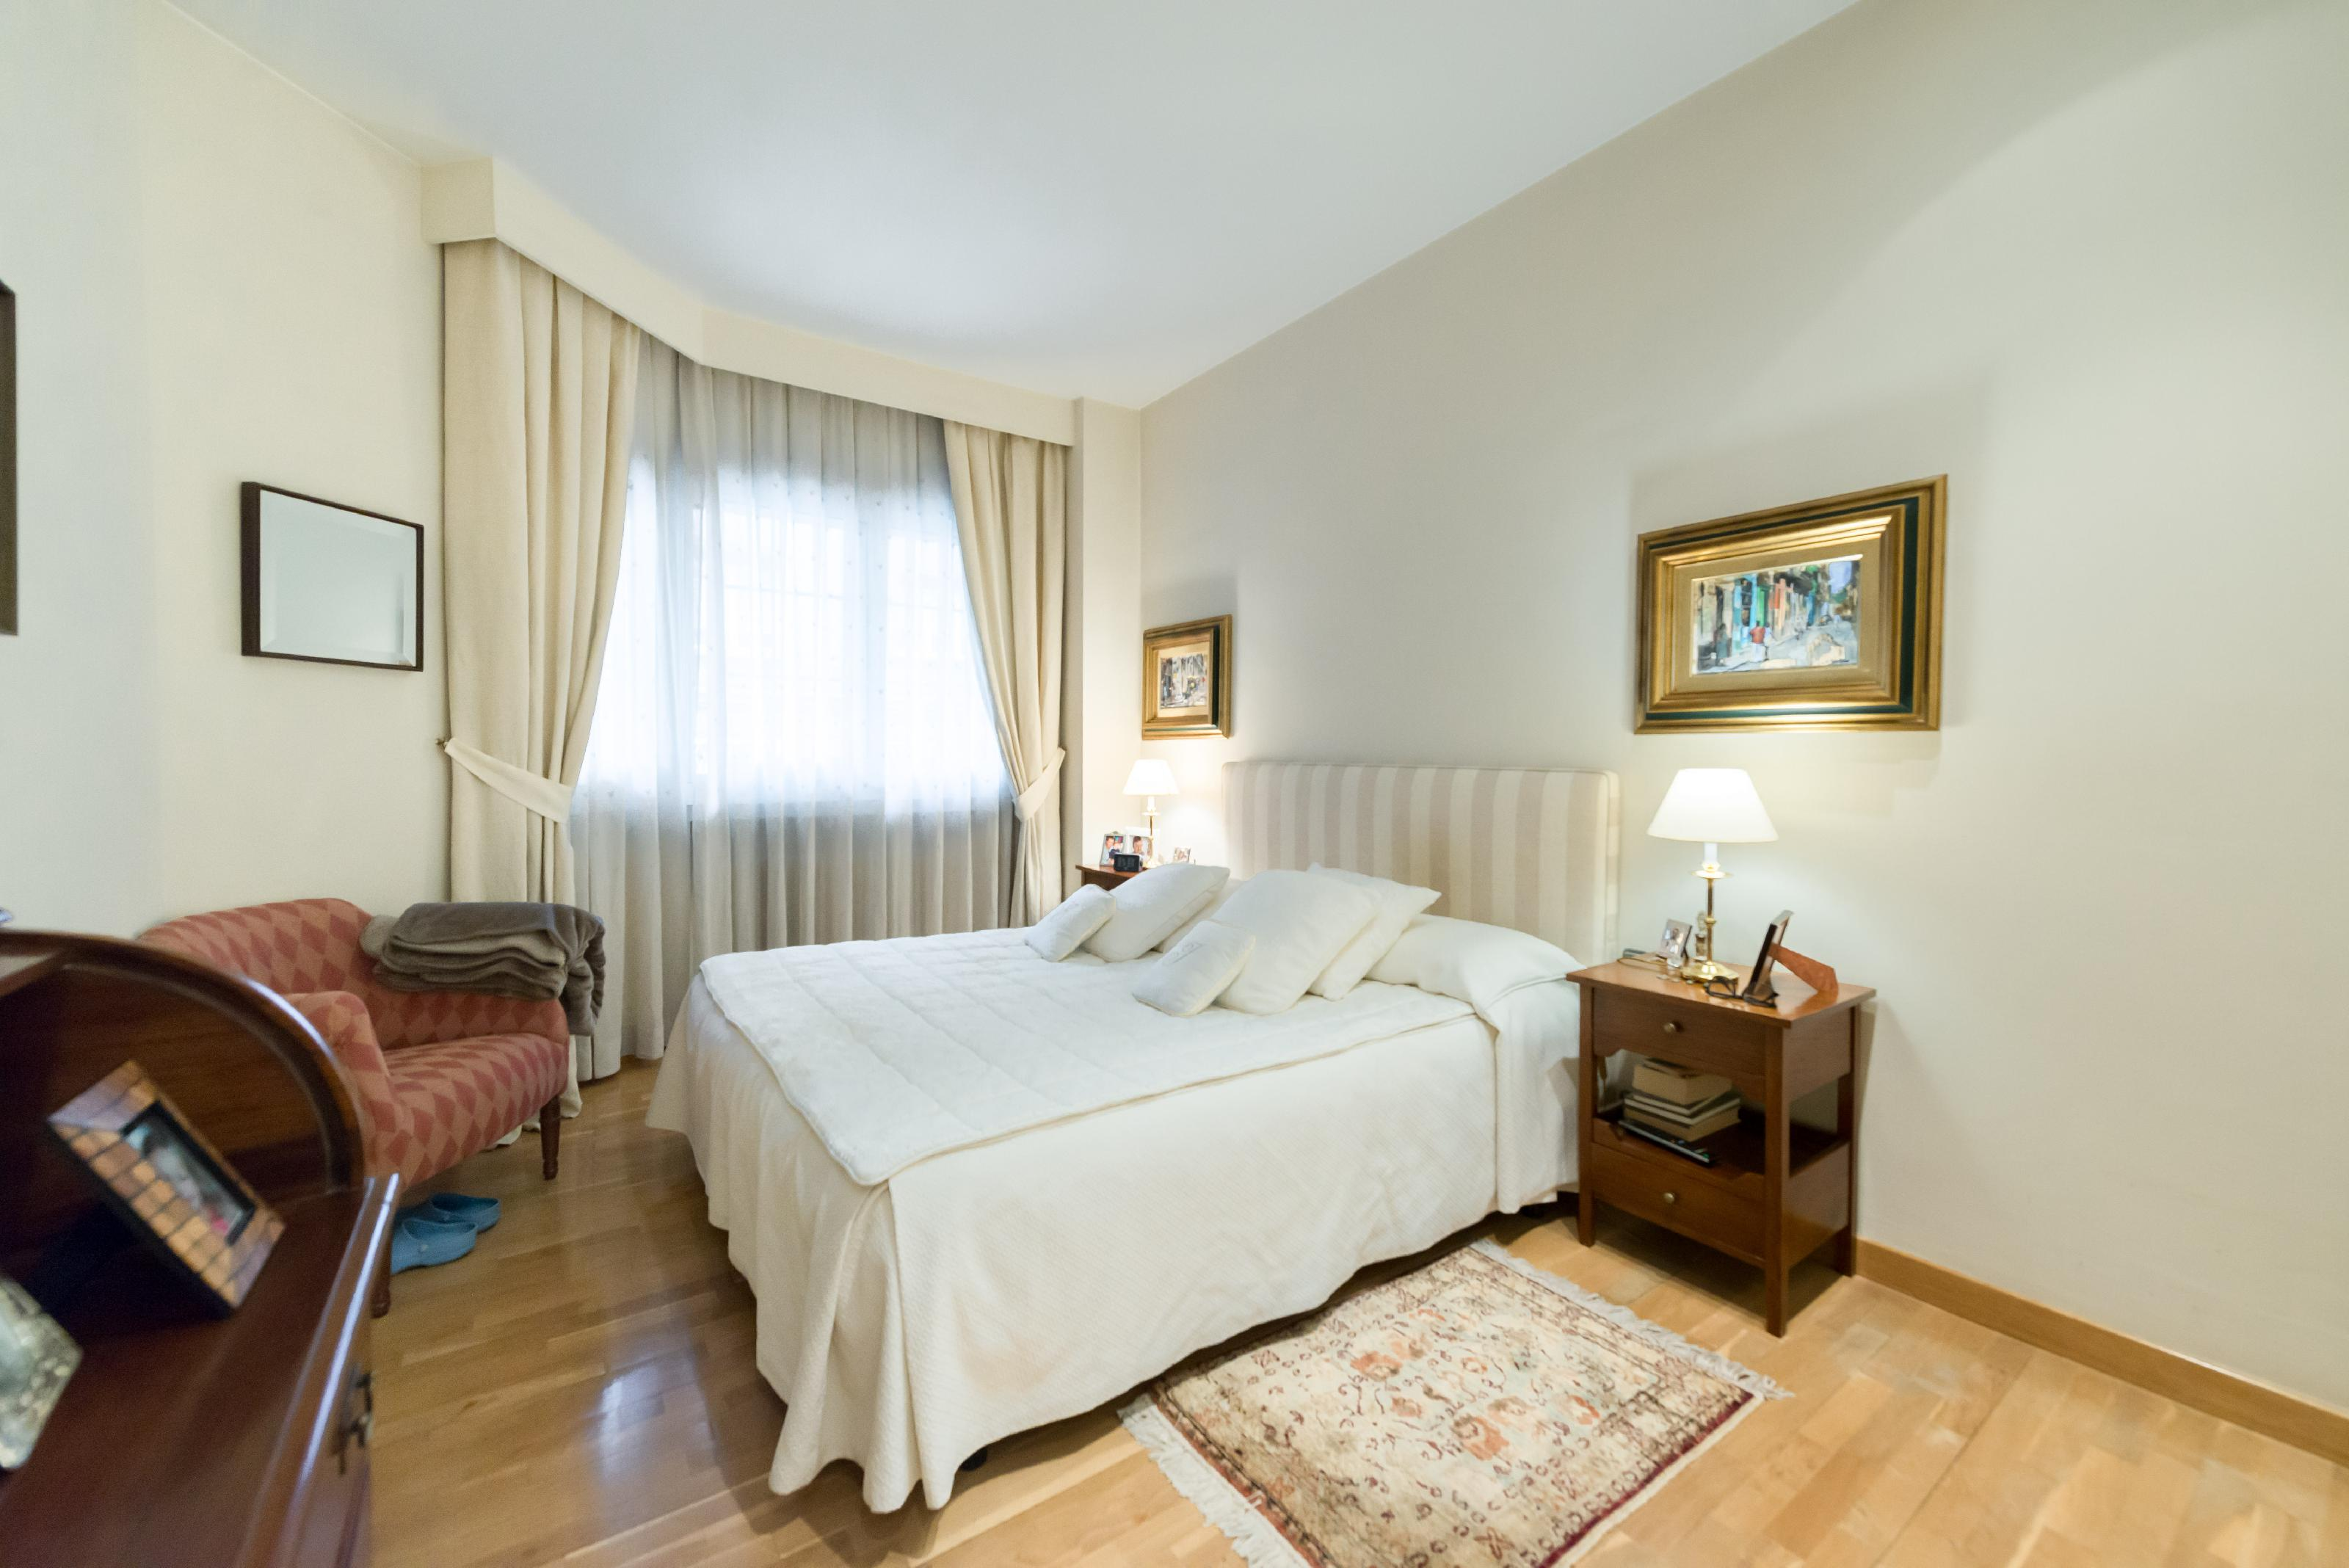 246091 Flat for sale in Sarrià-Sant Gervasi, St. Gervasi-Bonanova 19